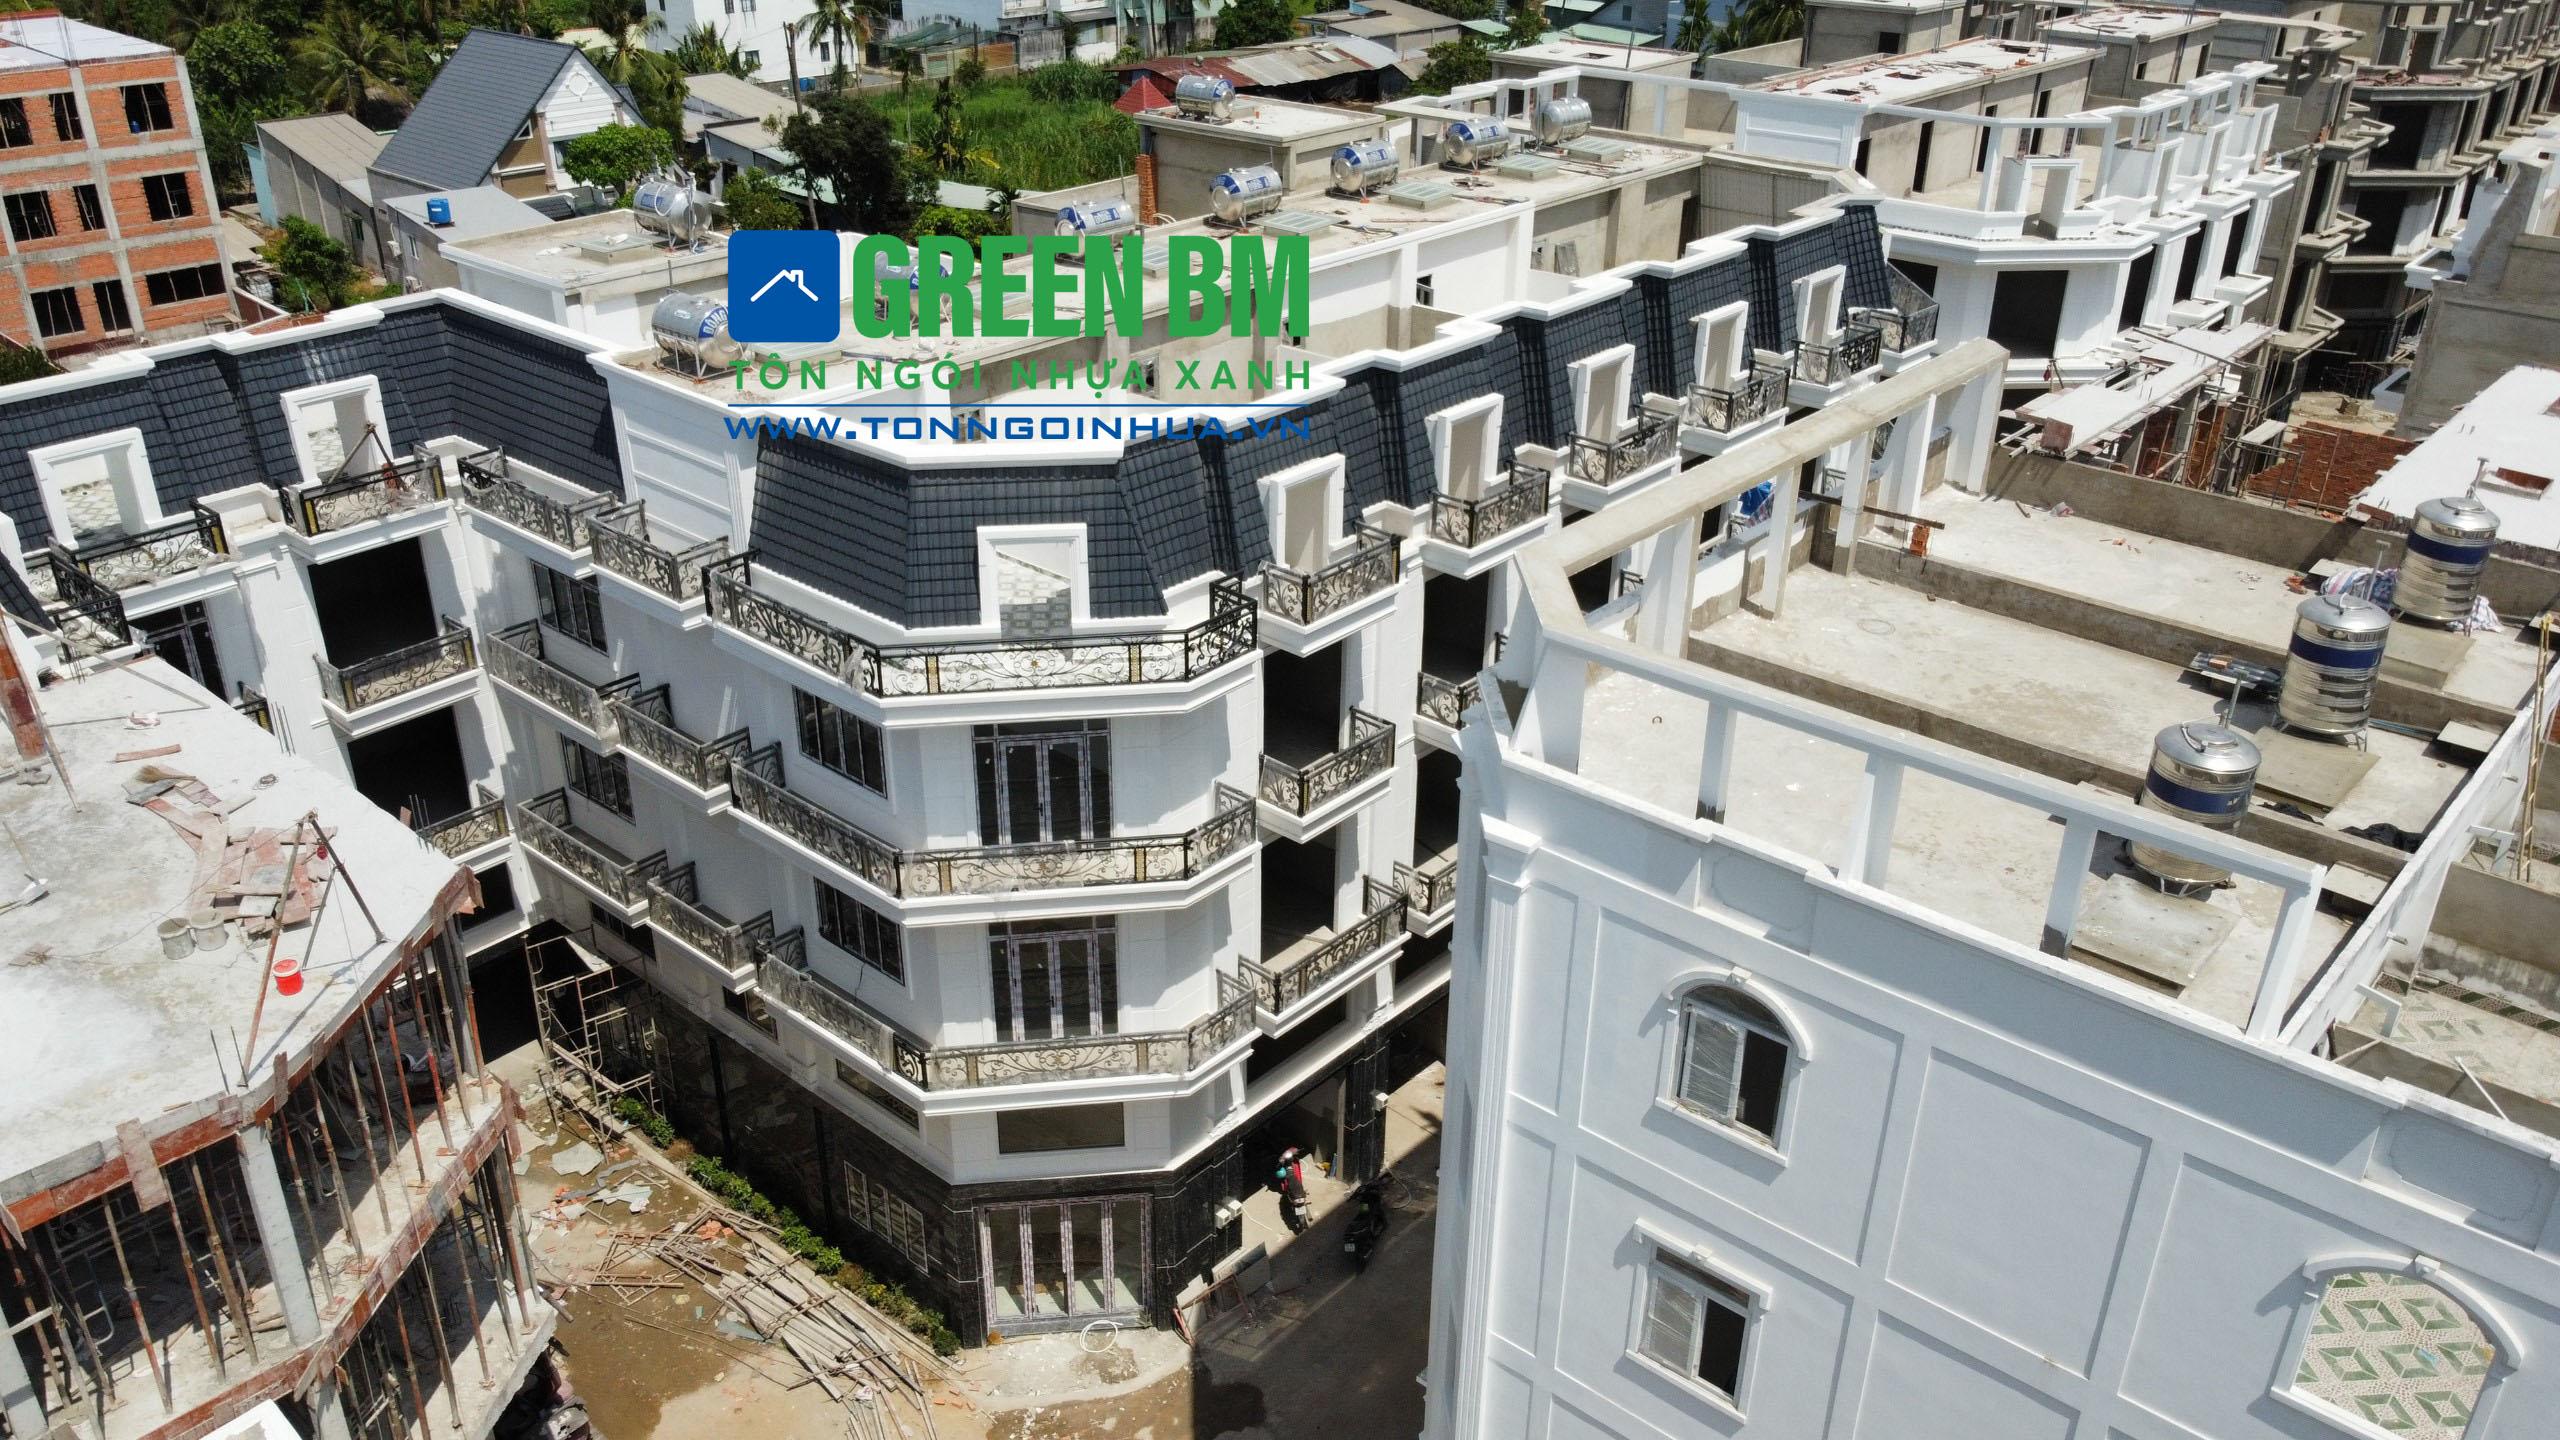 khu dân cư Thành Đô - Tôn ngói nhựa xanh